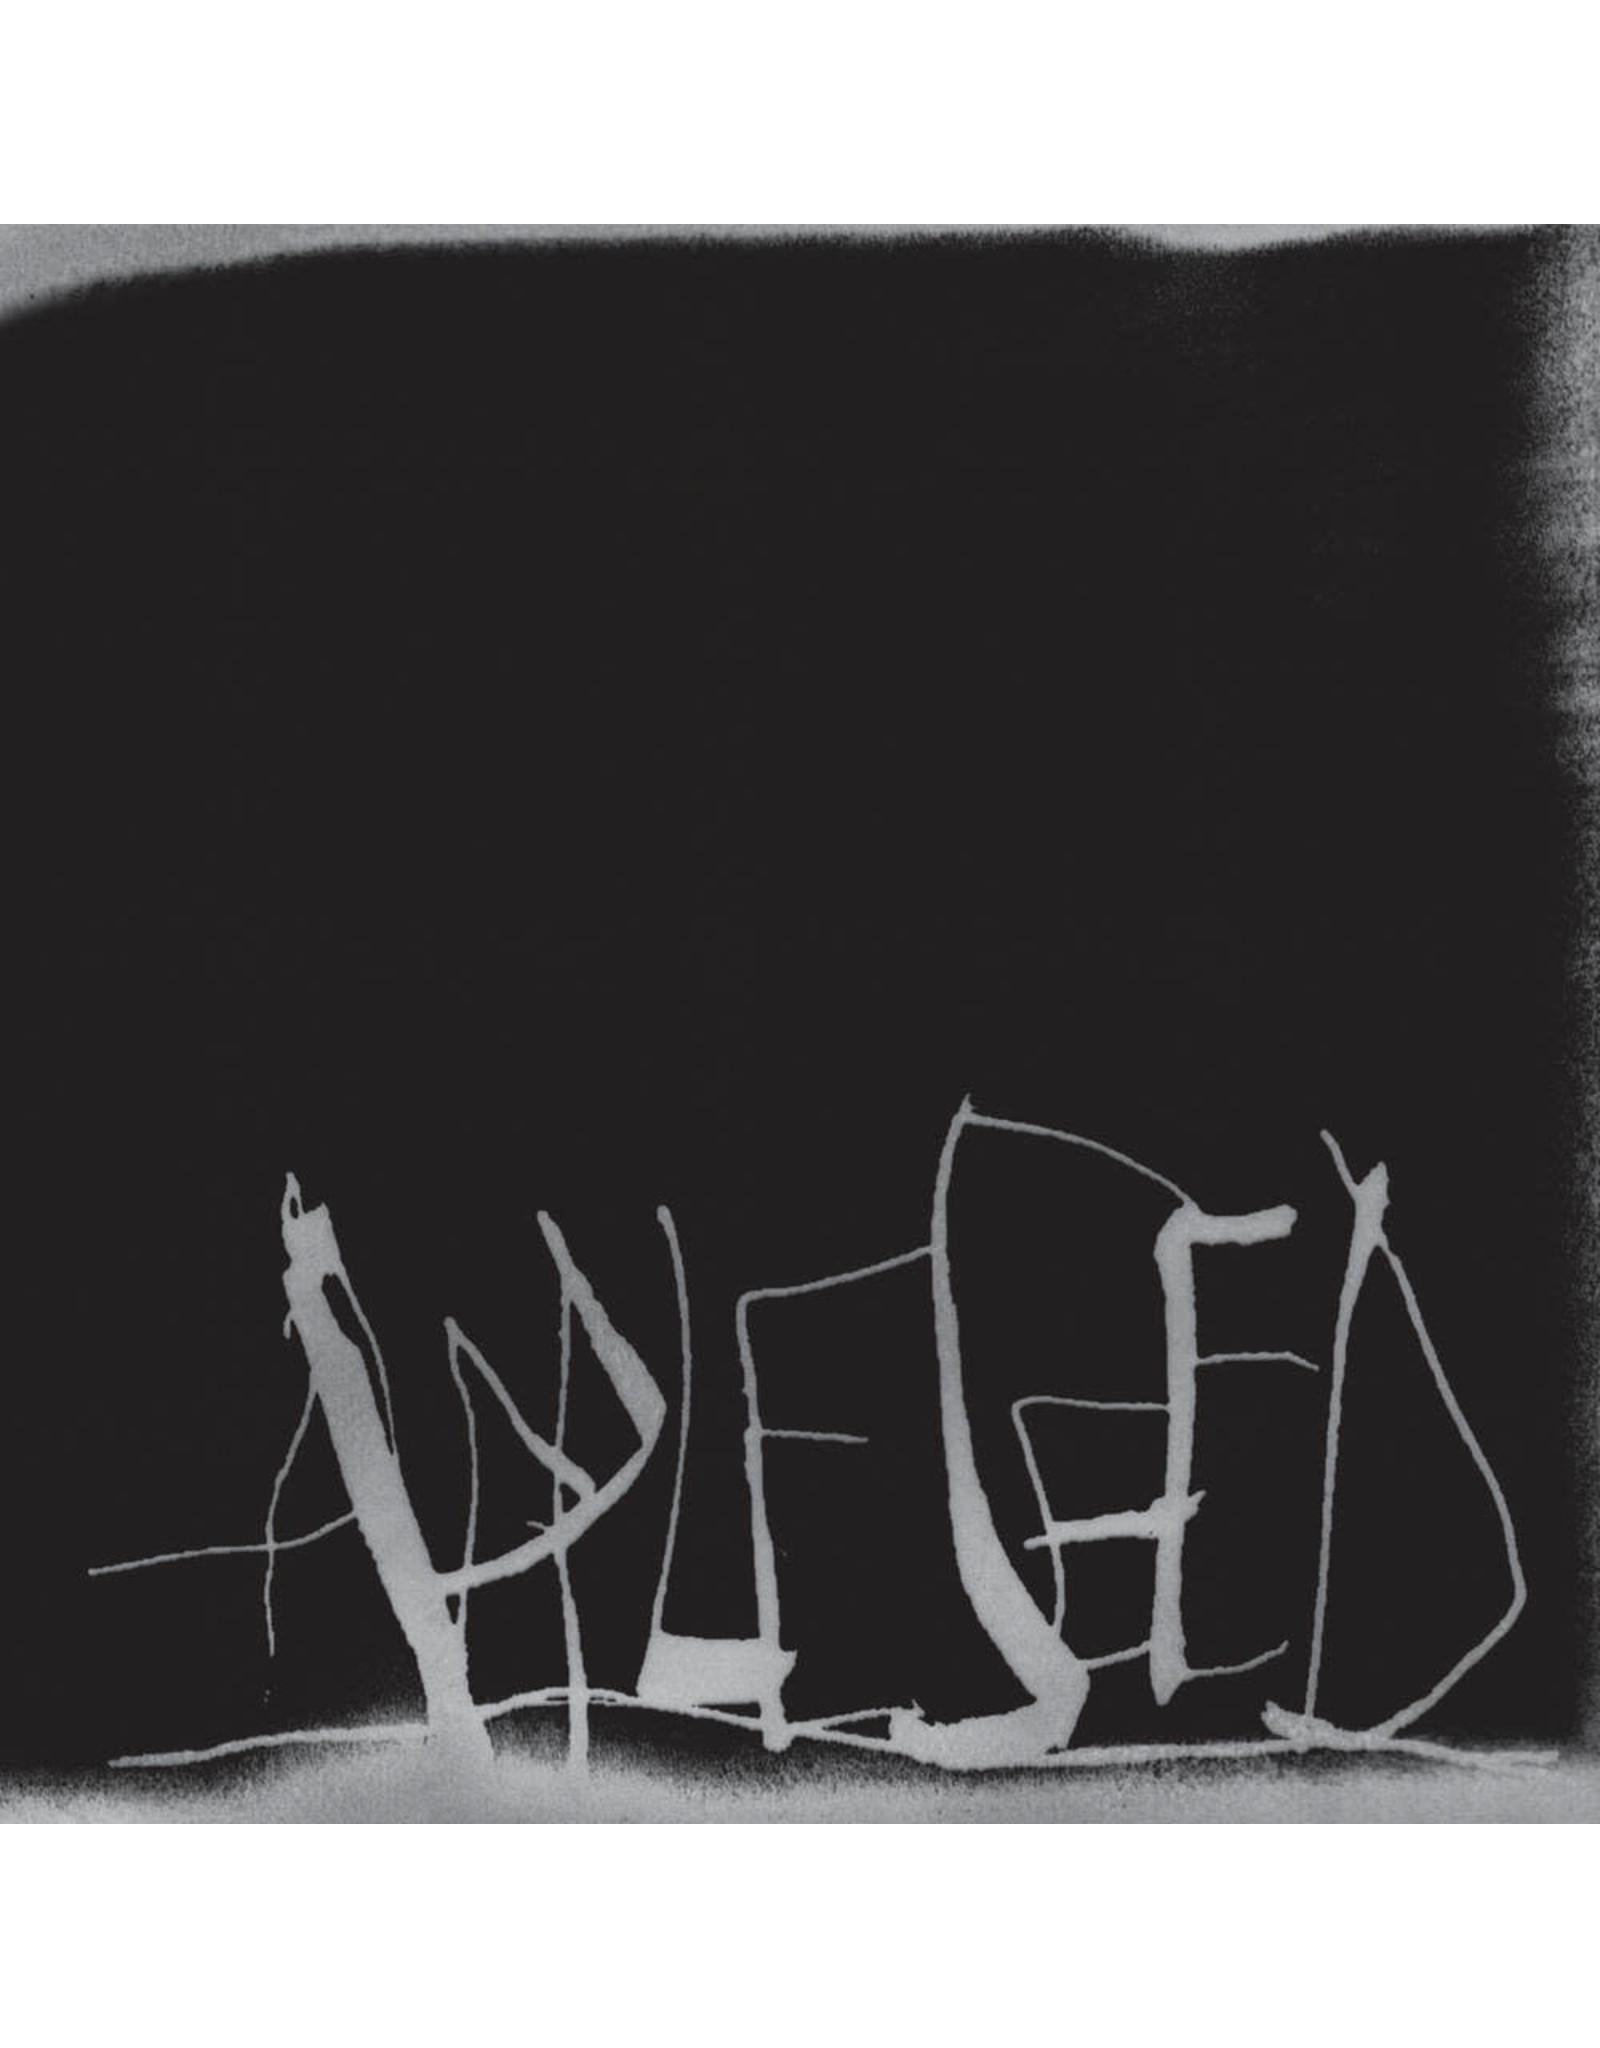 Aesop Rock - Appleseed CD